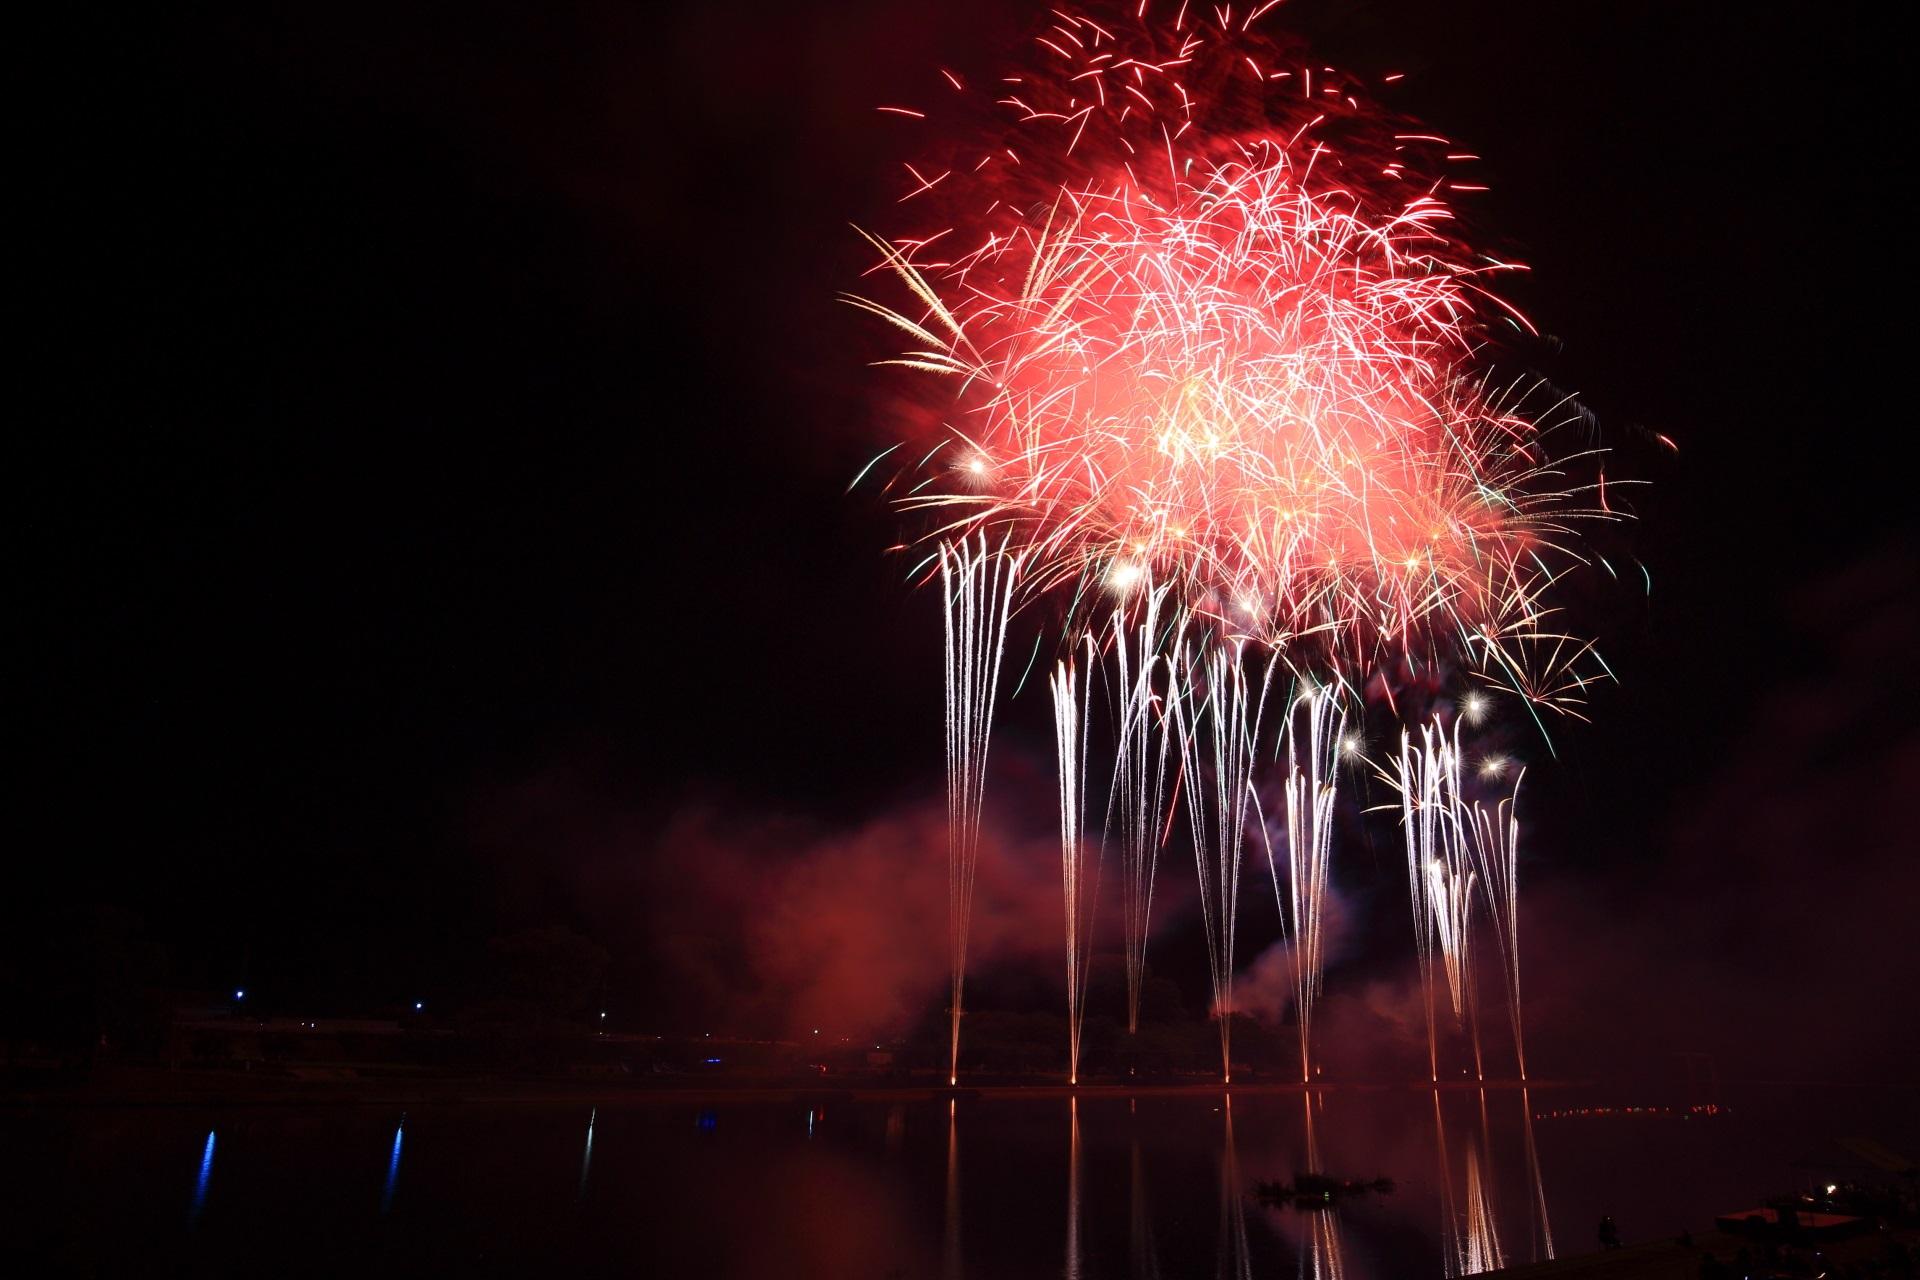 南丹市花火大会の煌びやかな噴水のような花火